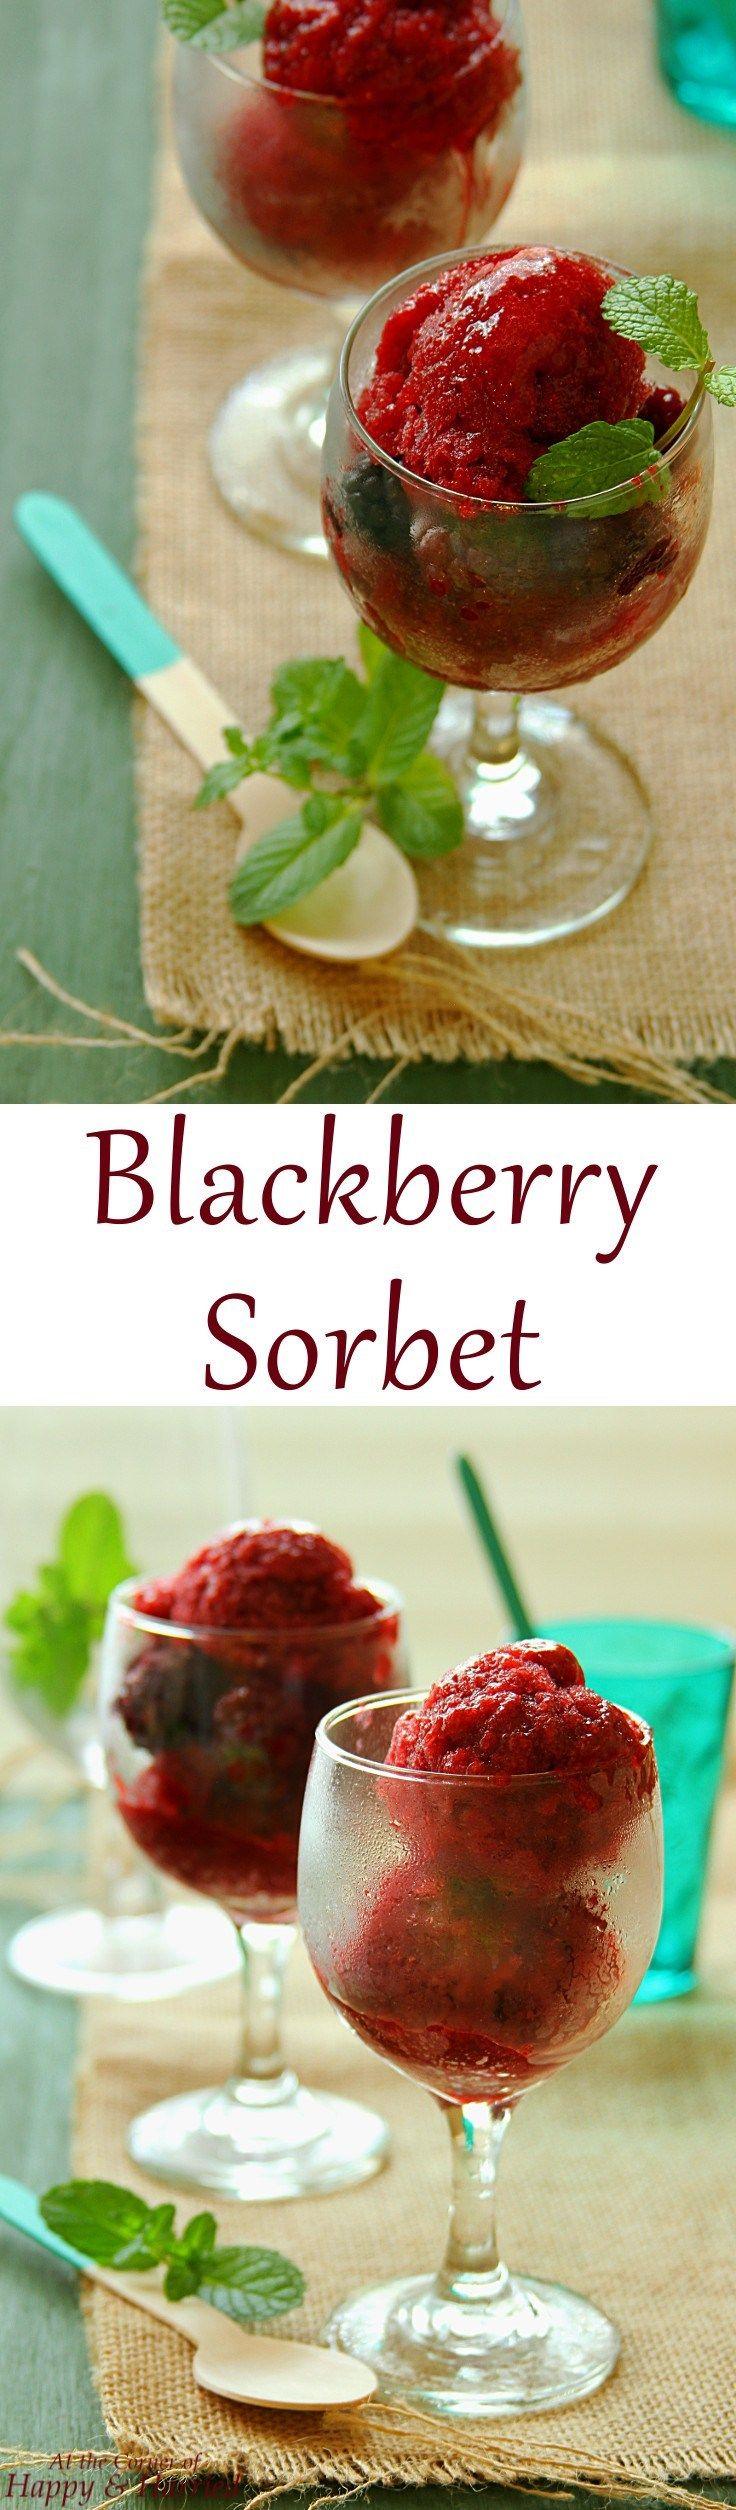 Blackberry sorbet how to make any fruit sorbet recipe